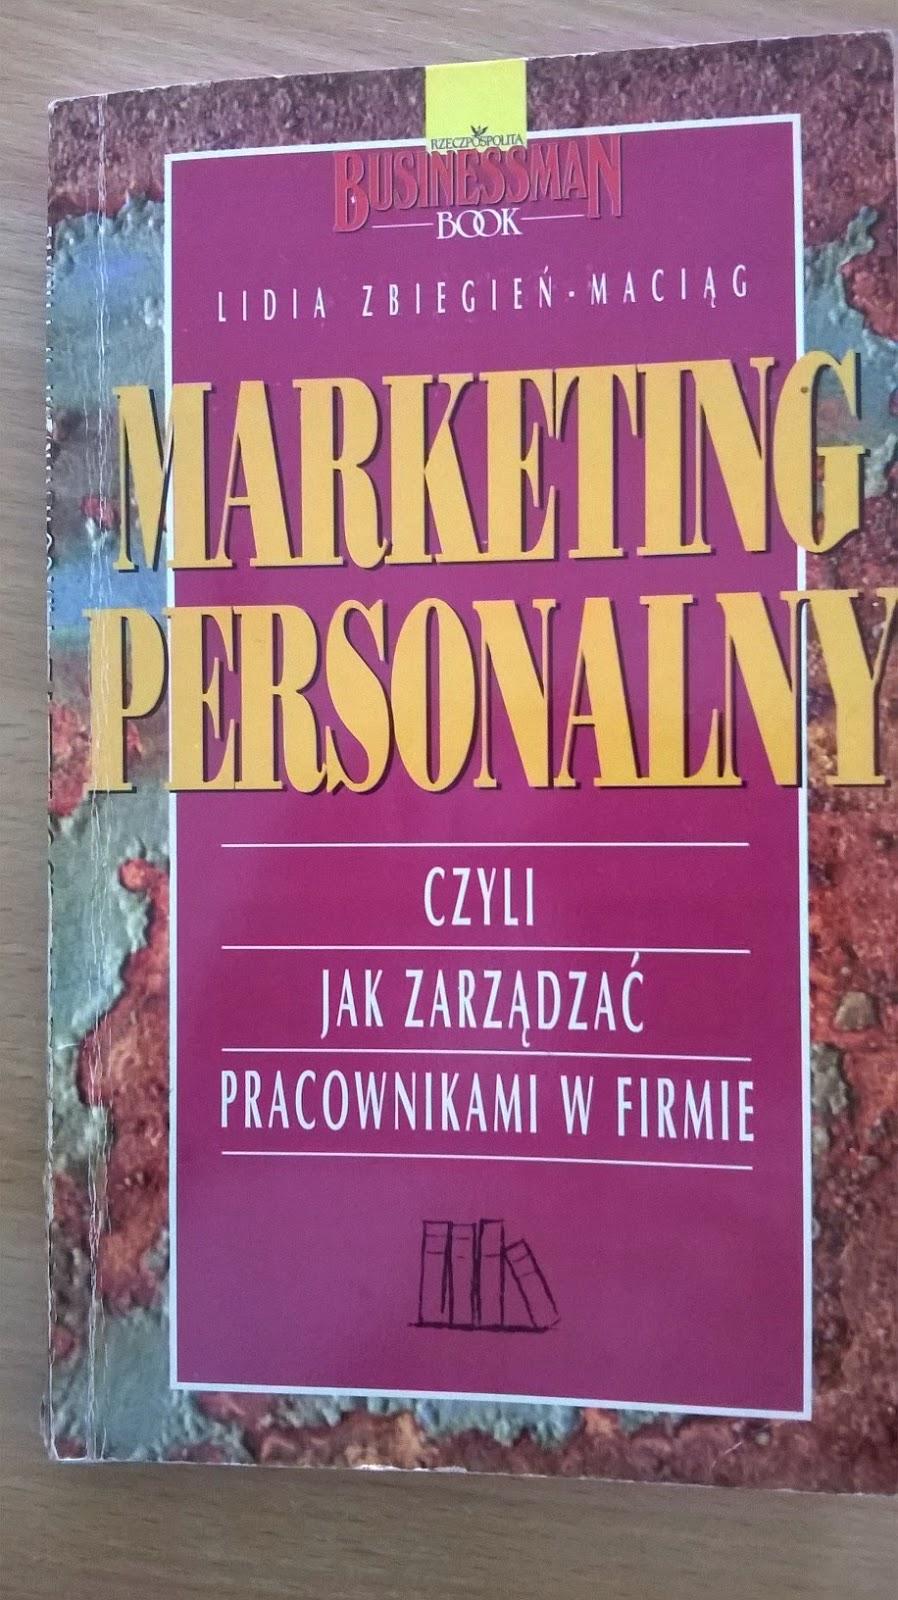 """""""Marketing personalny, czyli jak zarządzać pracownikami w firmie"""" - Lidia Zbigniew - Maciąg"""